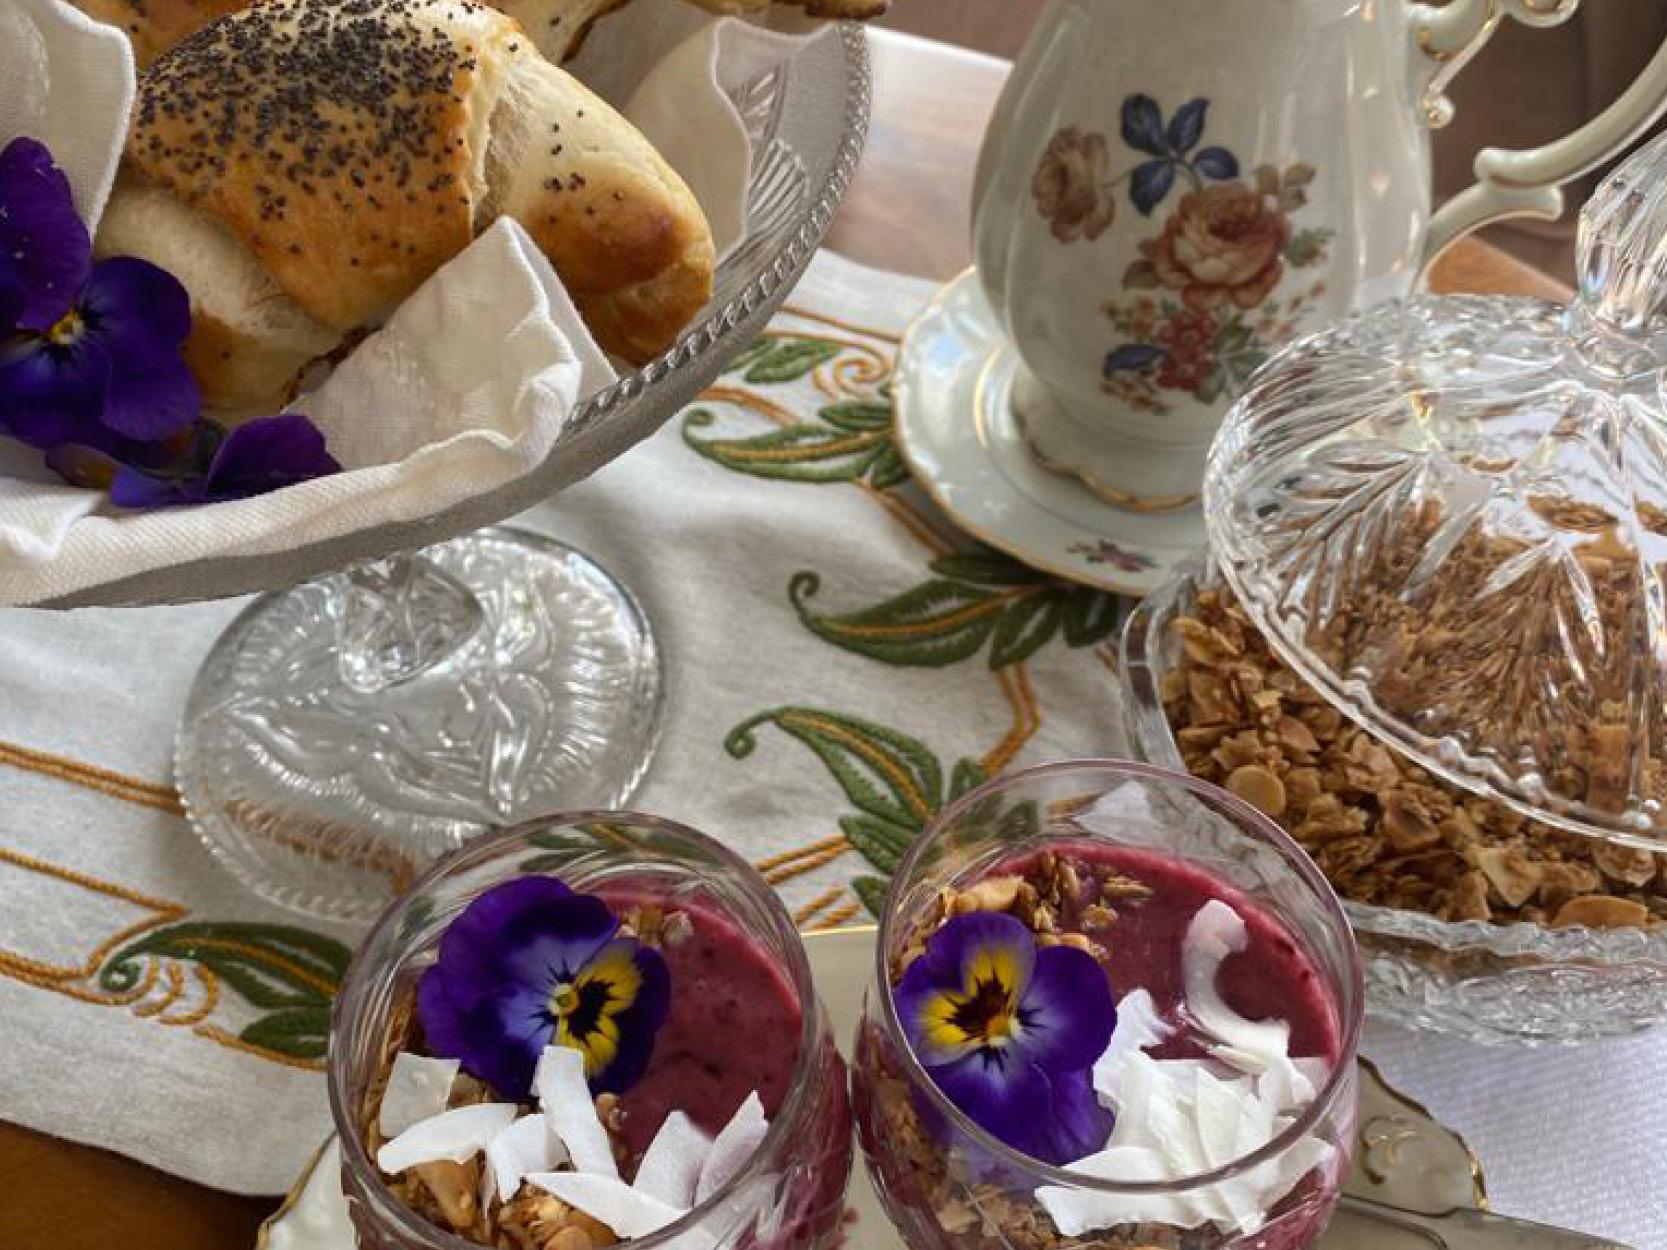 Vallmogifflar, granola och smoothie på ett bord